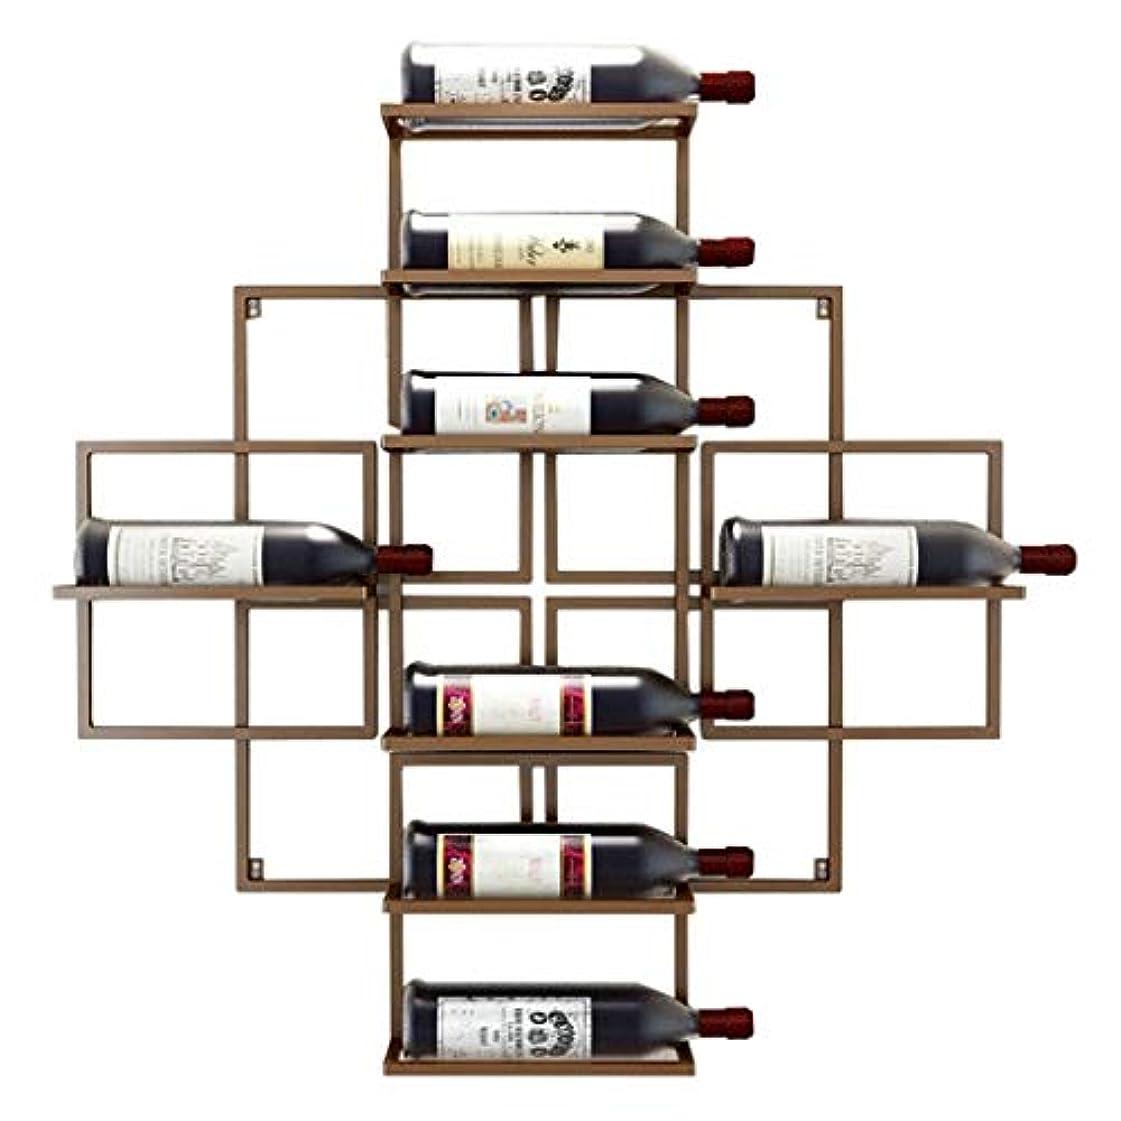 学ぶ練習ペンワインボトルホルダー金属鉄ワイン機器収納棚をぶら下げ壁掛けワインラック-8ワインボトルを保持-3色利用可能、80x10x80cm(色:赤銅)